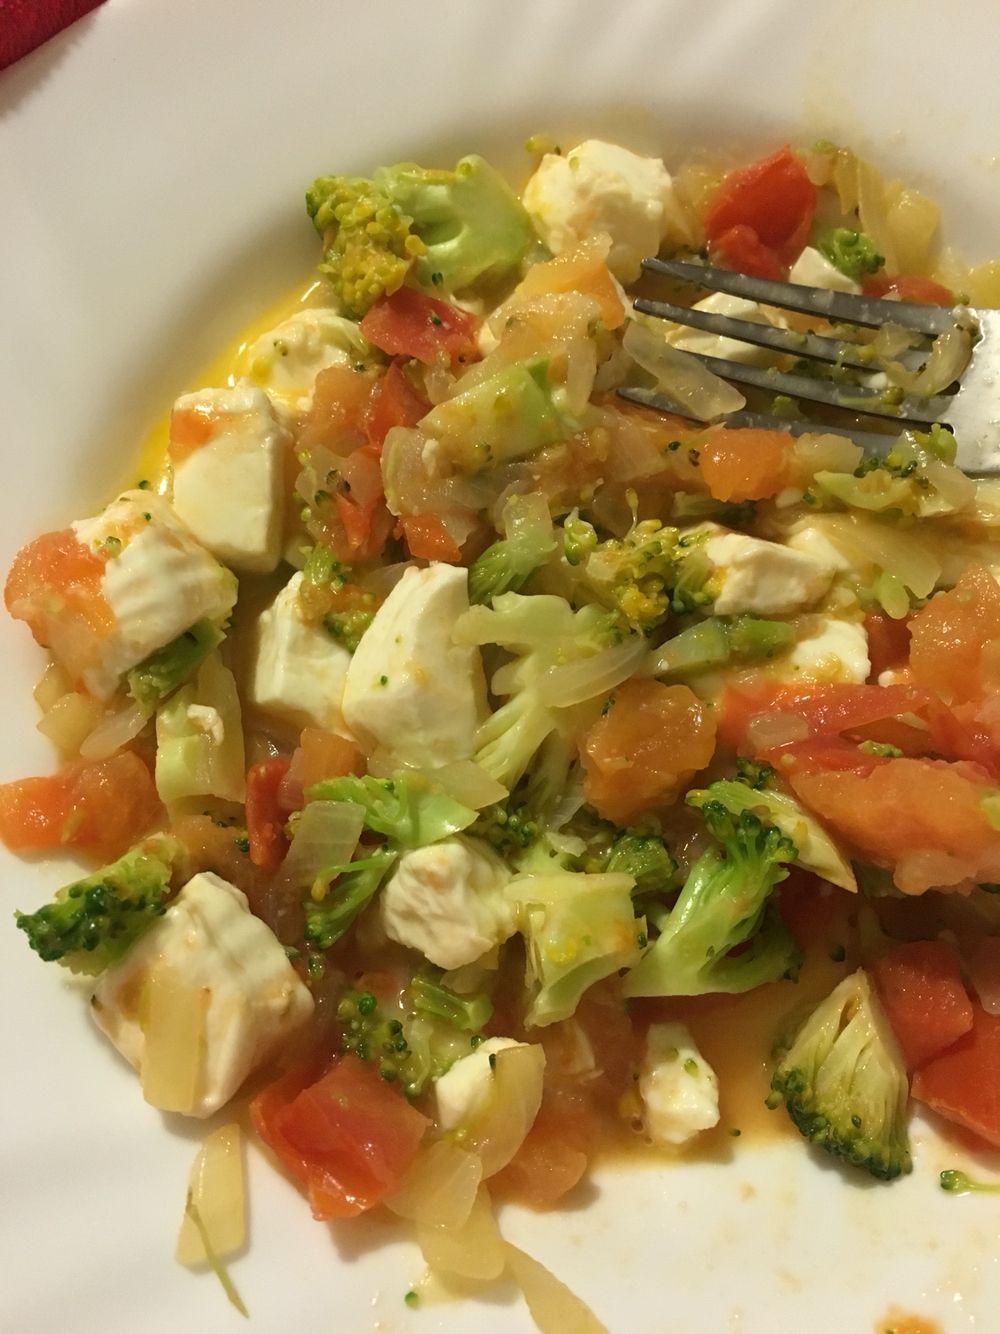 Cena Baja En Calorias Cebolla Tomate Brocoli Y Queso Fresco